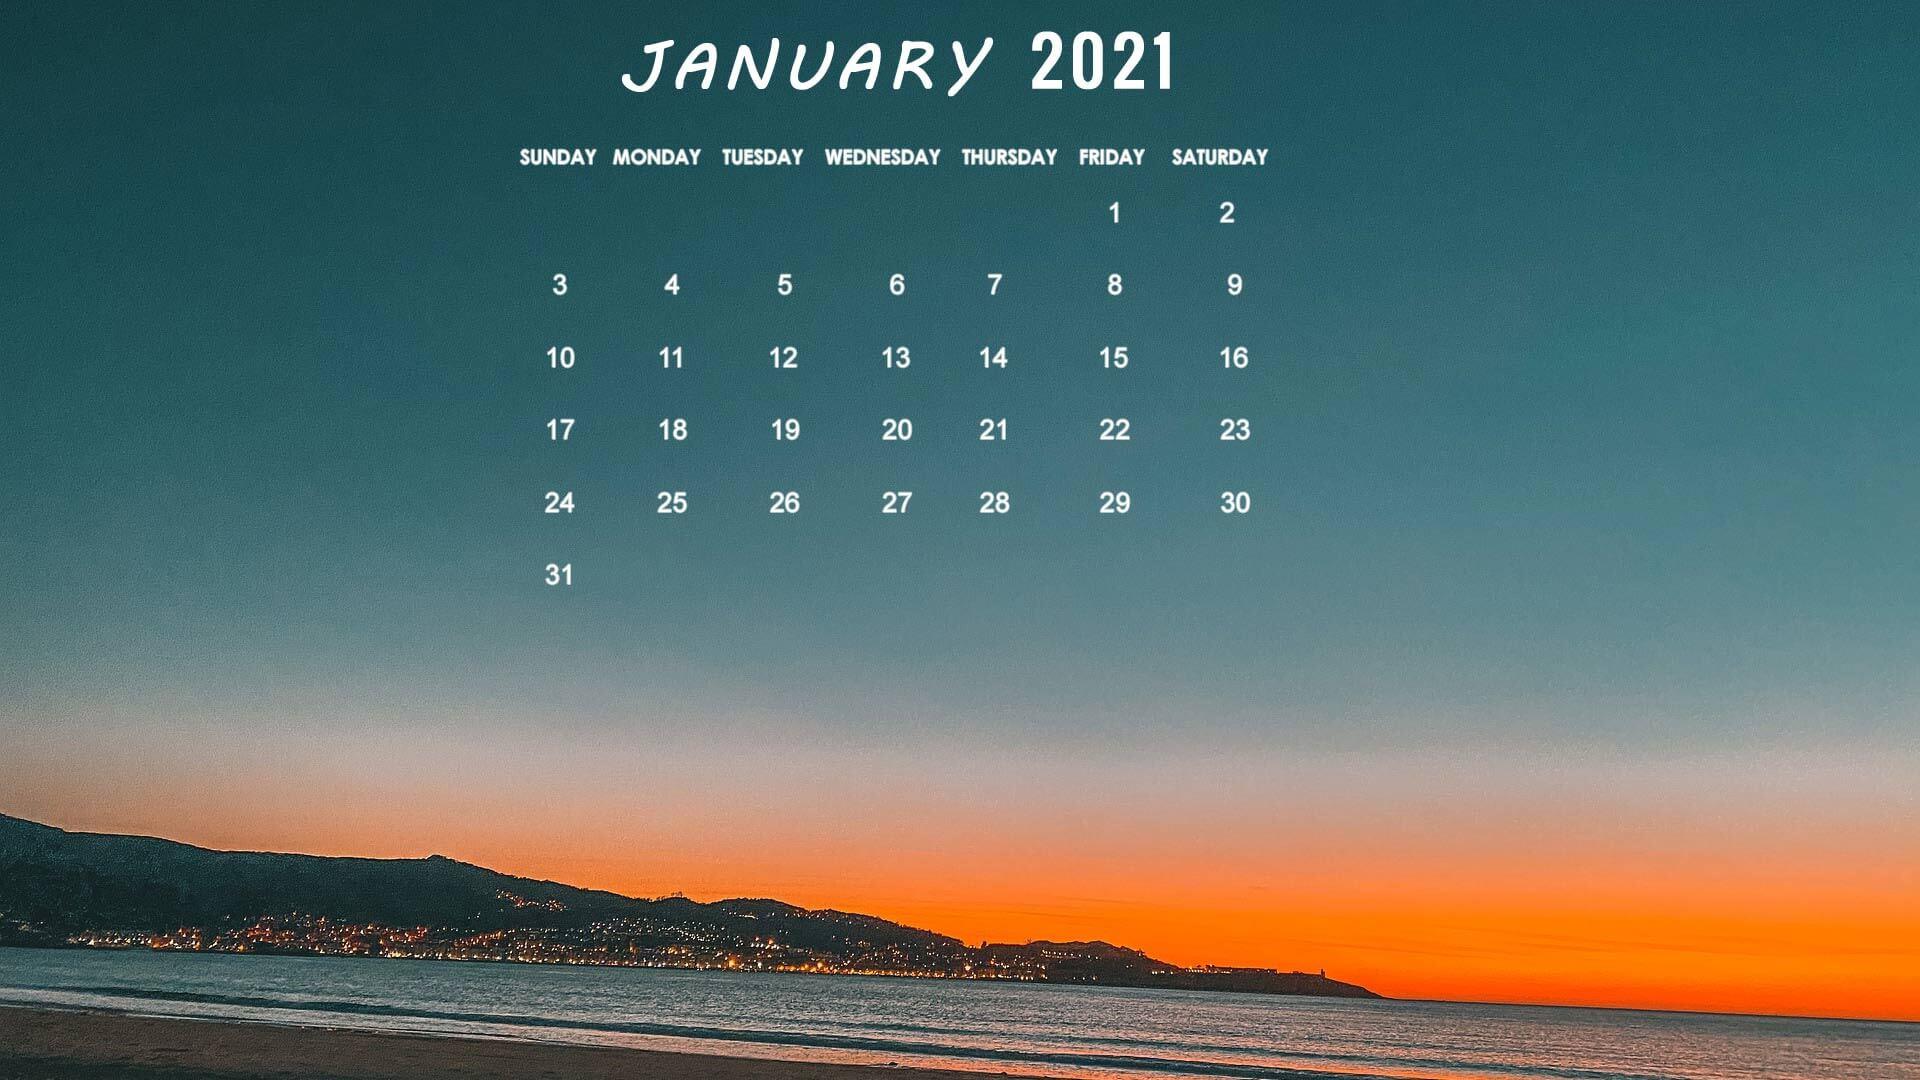 January 2021 Calendar Wallpaper For Laptop